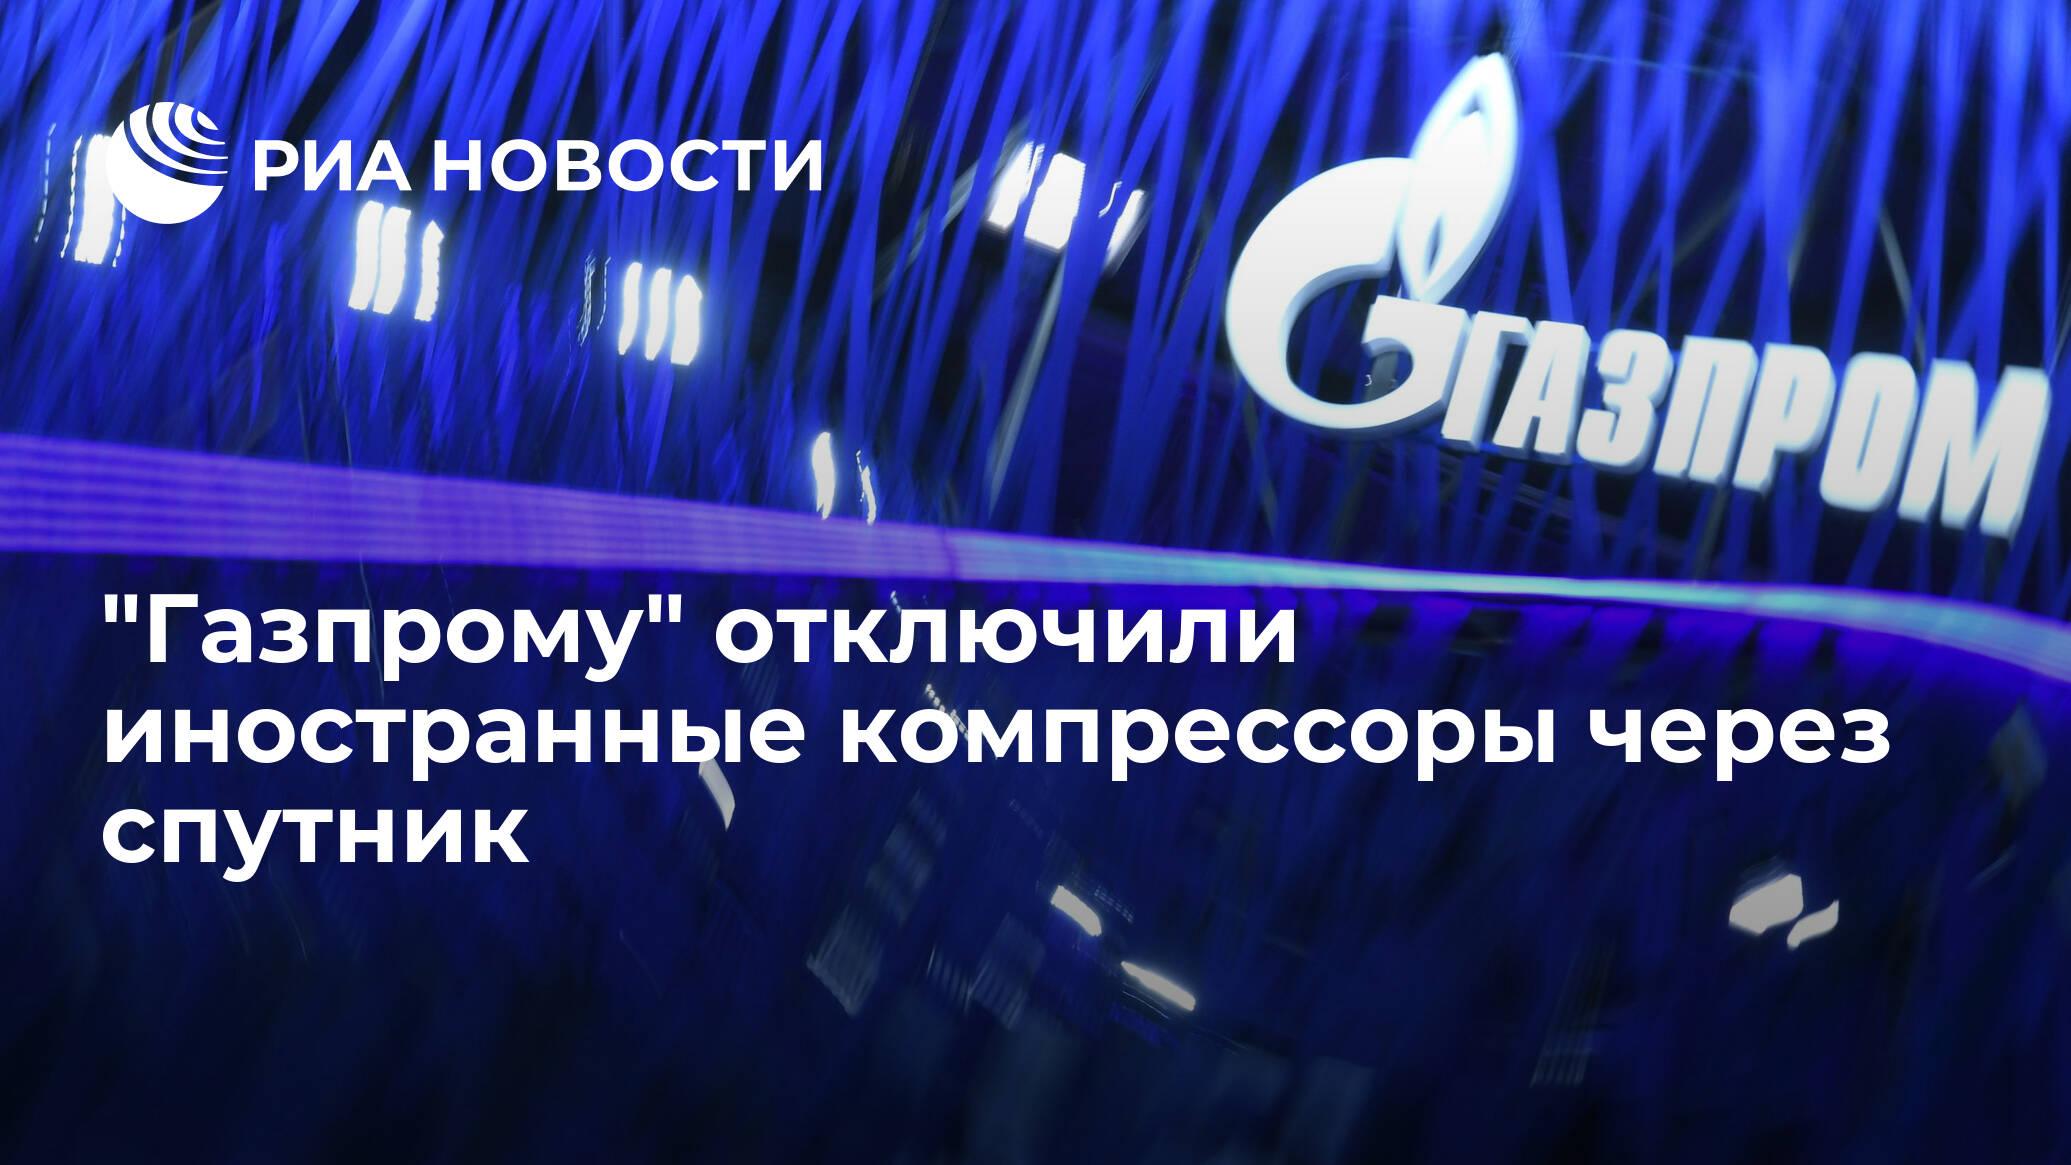 """""""Газпрому"""" отключили иностранные компрессоры через спутник - РИА Новости, 16.10.2019"""